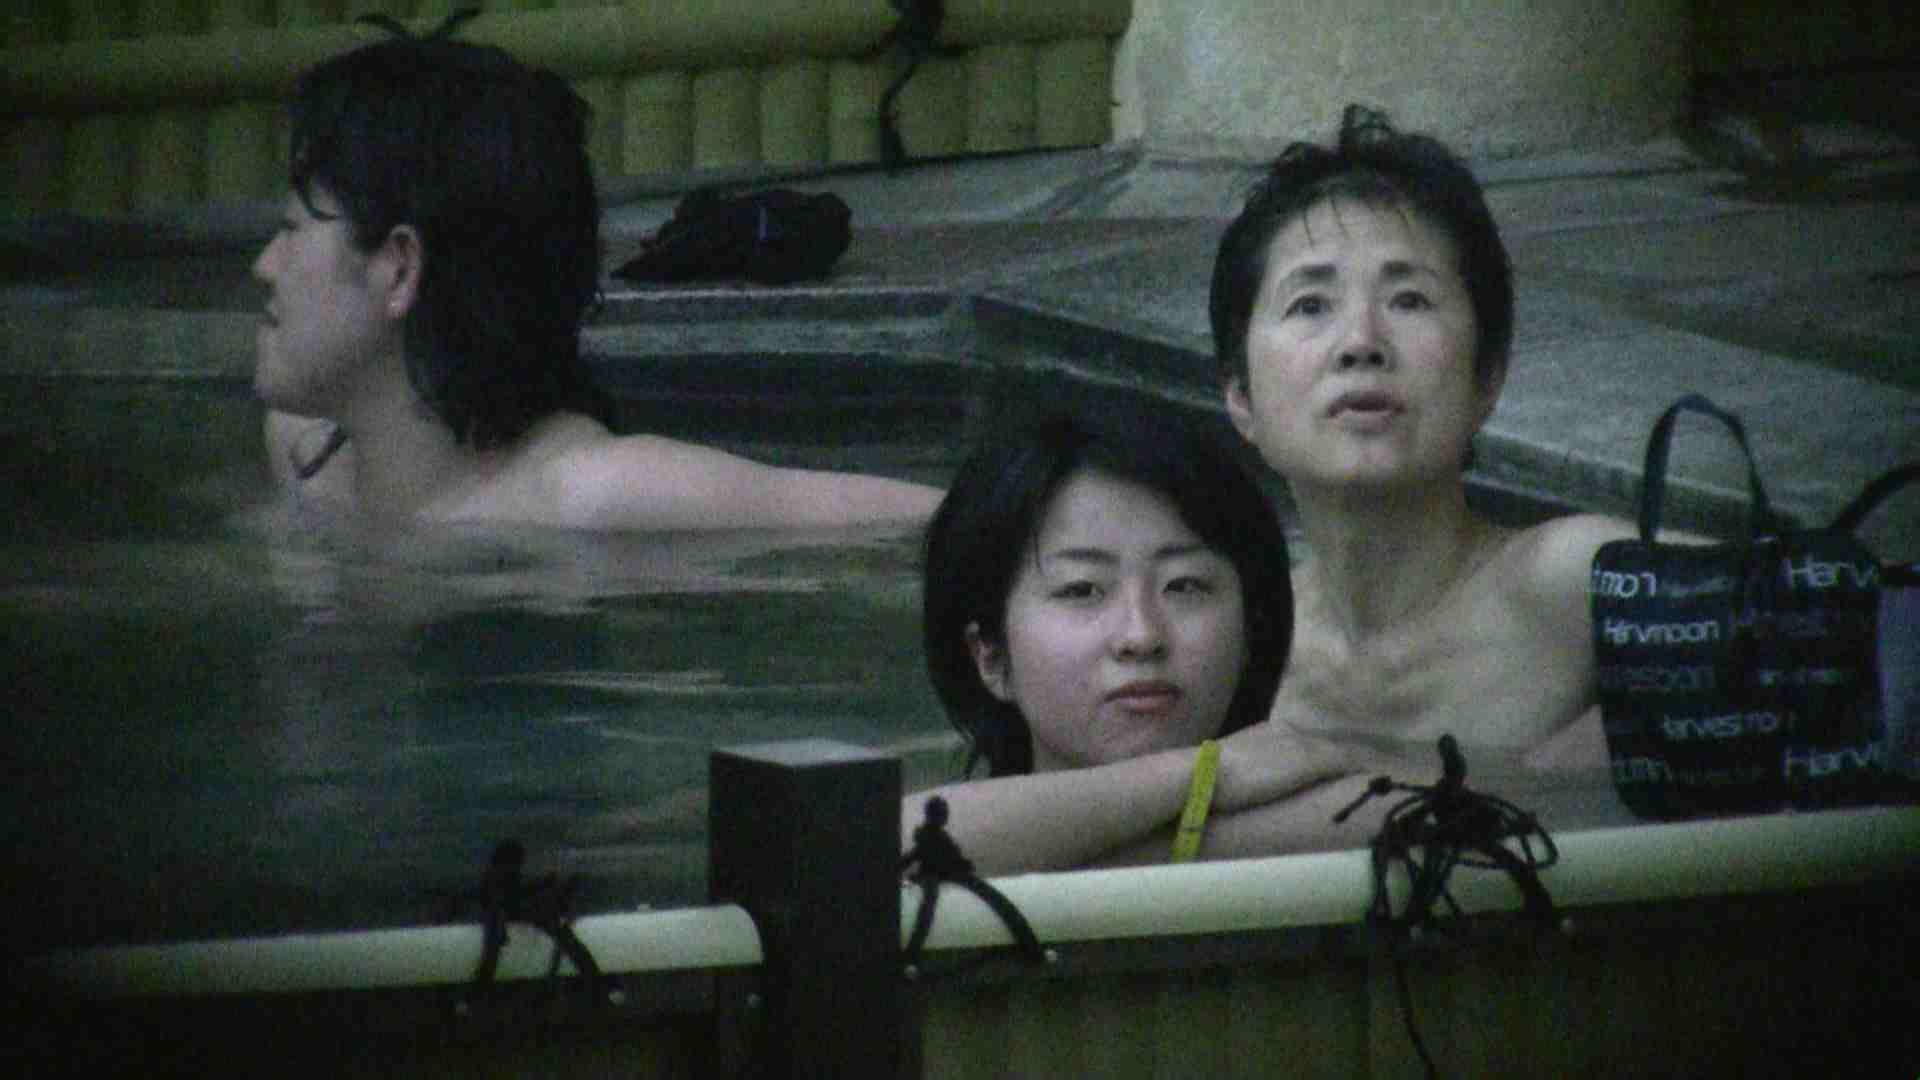 Aquaな露天風呂Vol.112 露天 | 綺麗なOLたち  73枚 25